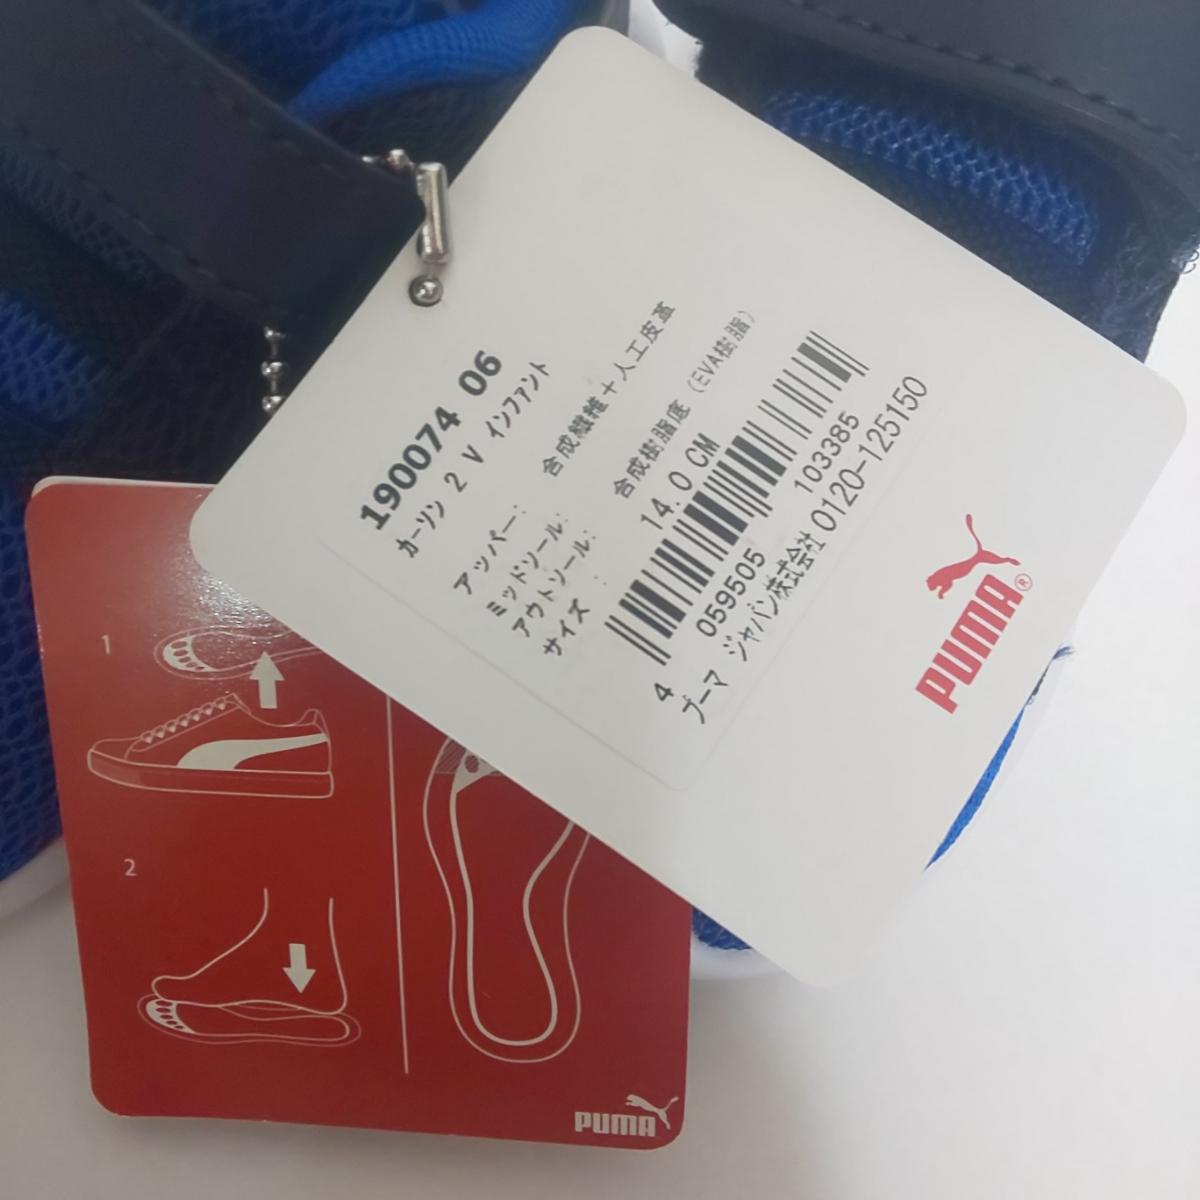 新品 PUMA スニーカー 14cm ブルー 男の子 キッズ プーマ 運動靴_画像6